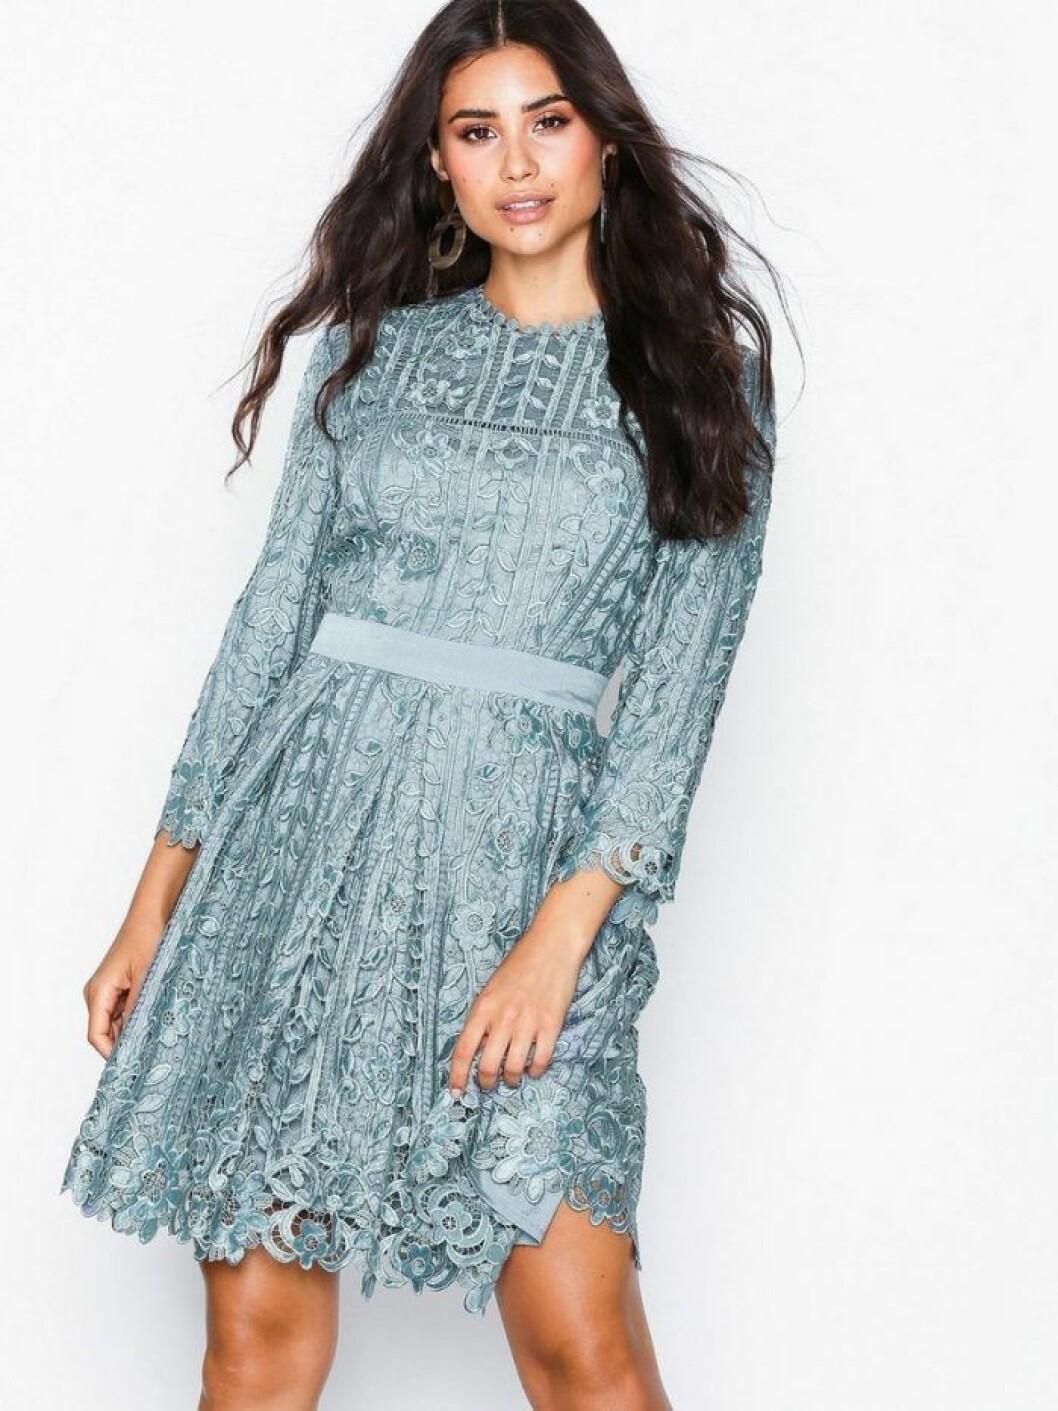 Turkos klänning från By Malina